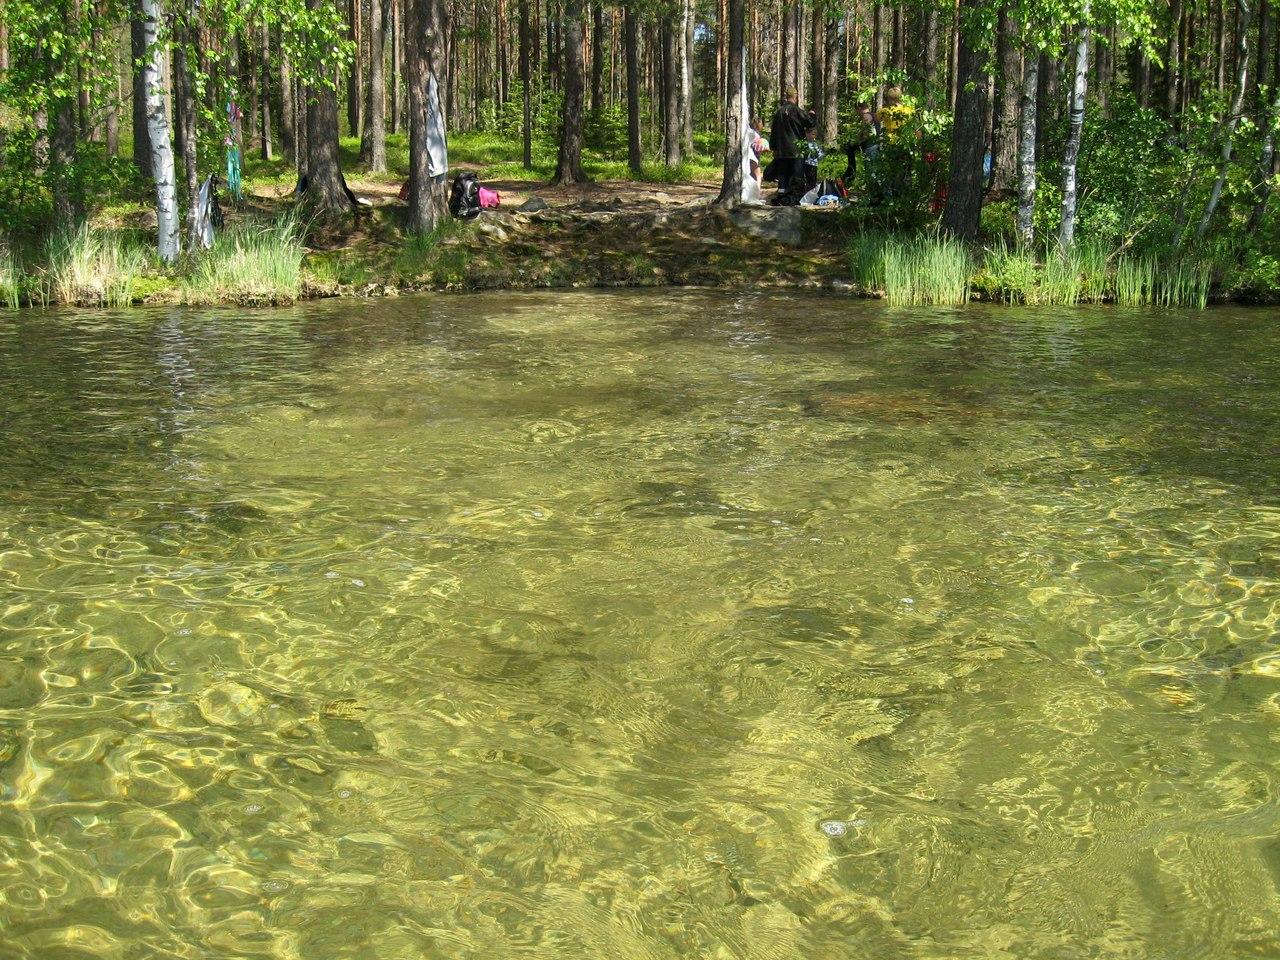 Экологический поход. Отдых на замечательном озере Белянском. И уборка его берегов нашей командой